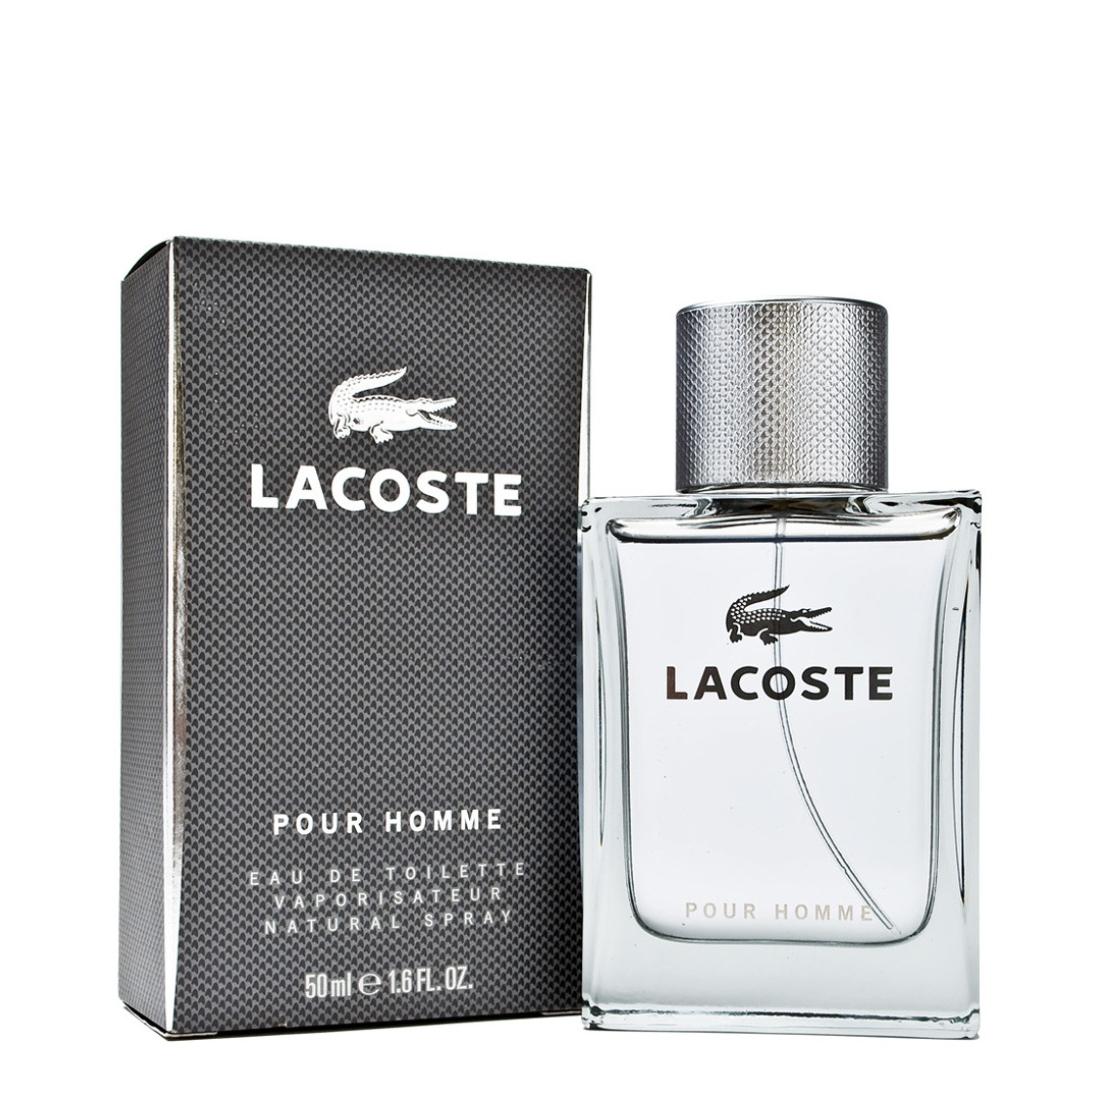 Offerta: Lacoste Pour Homme eau de toilette spray uomo 50 ml